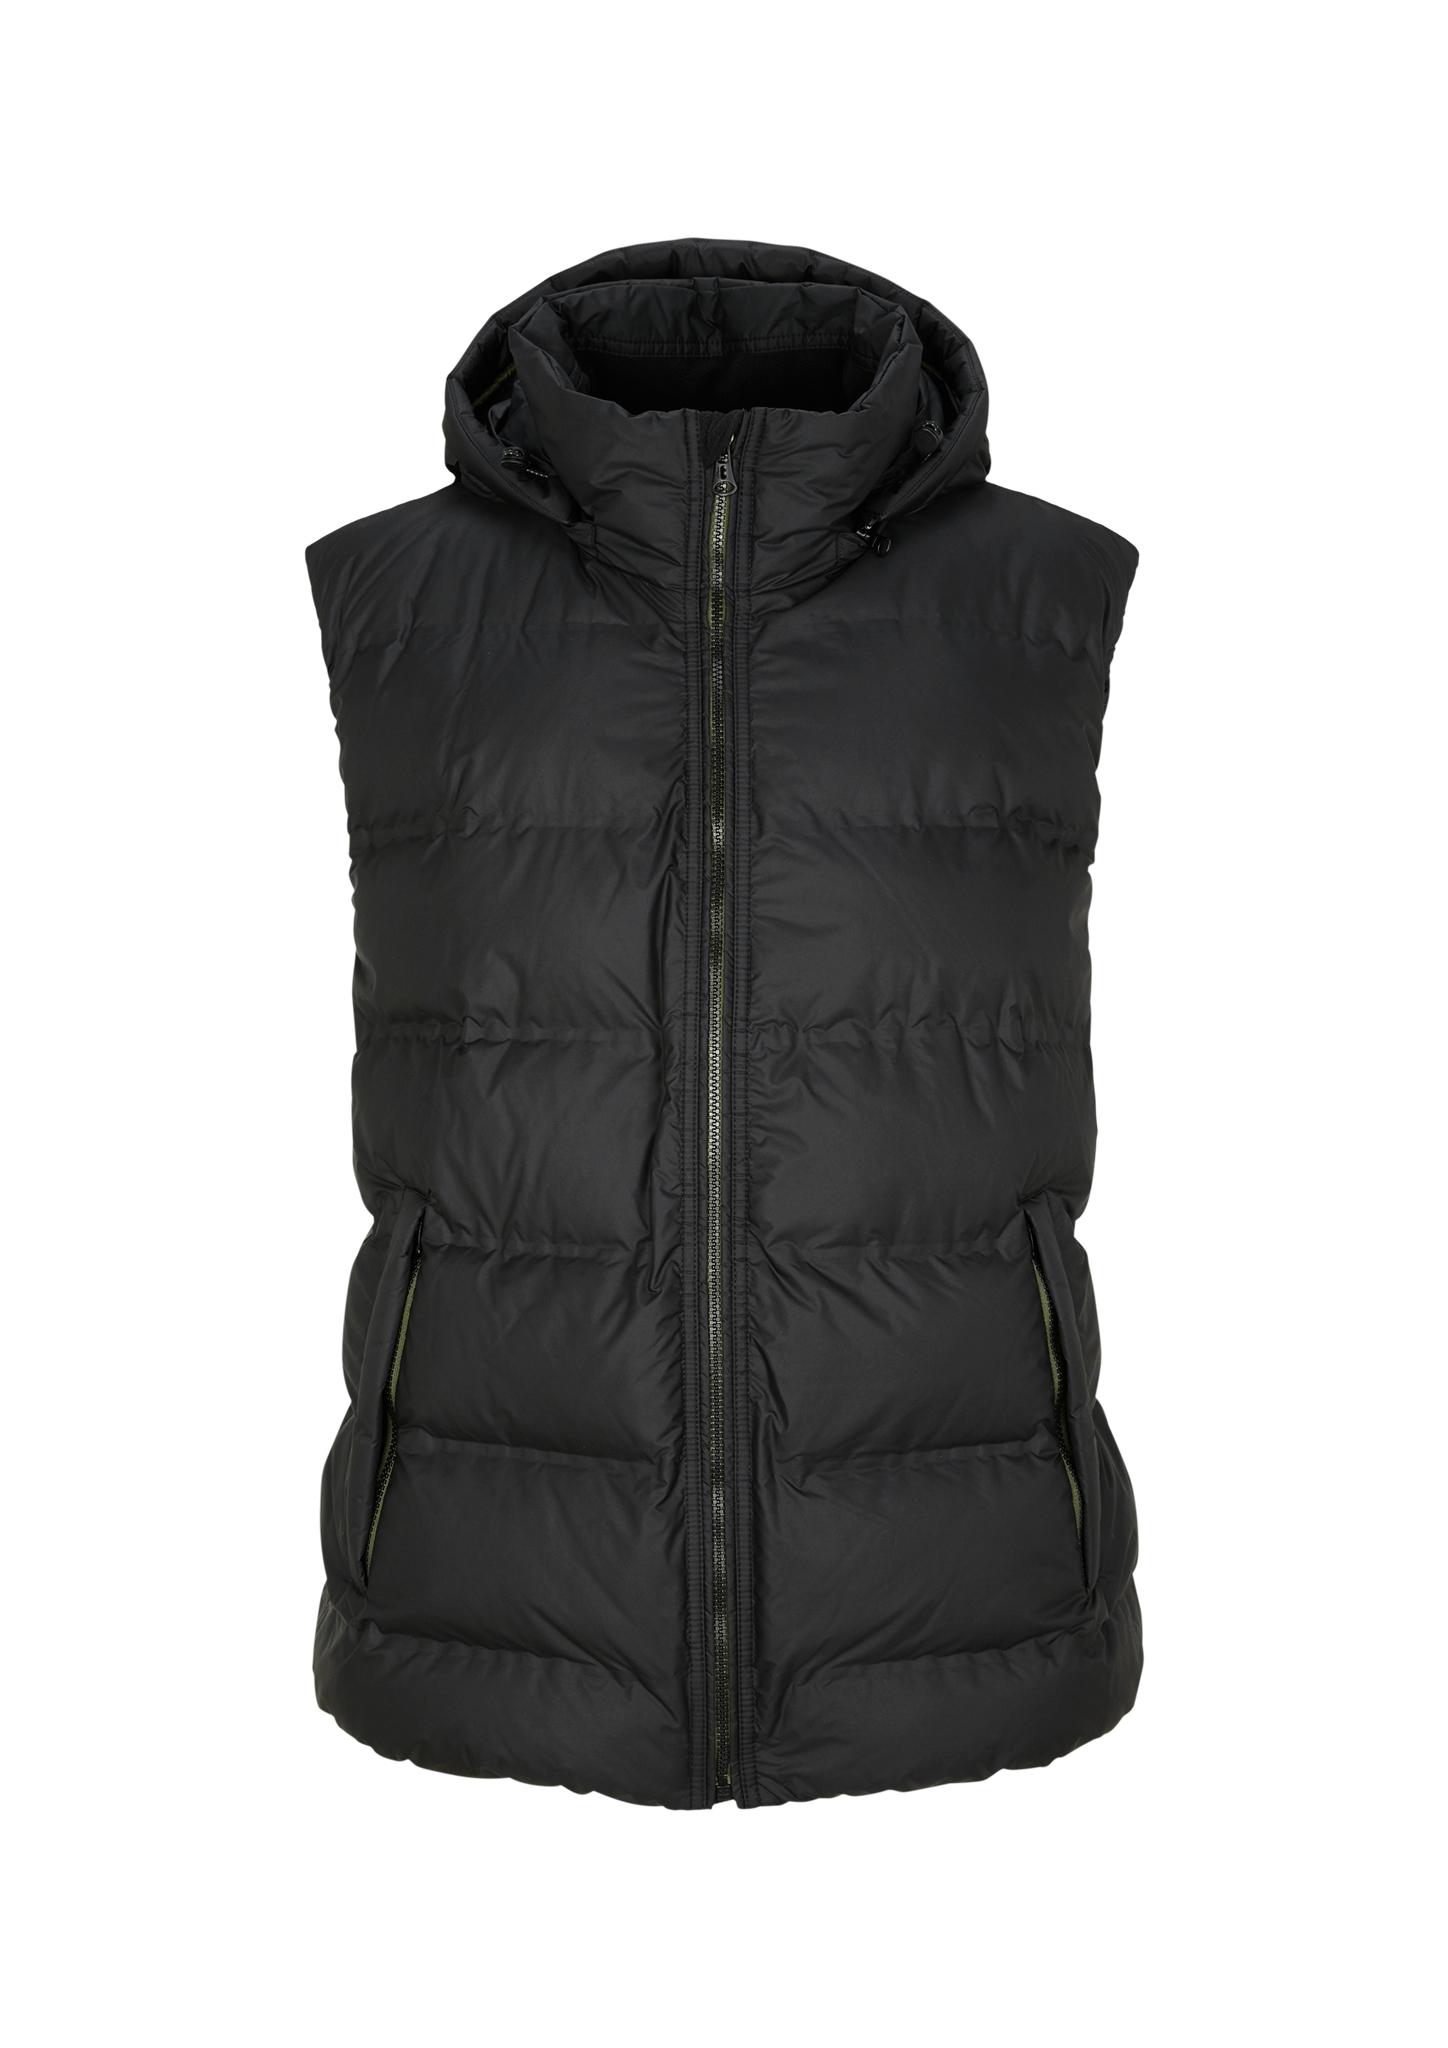 Outdoor-Weste | Sportbekleidung > Sportwesten > Outdoorwesten | Grau/schwarz | Obermaterial 100% polyester| futter 100% polyamid| füllmaterial 100% polyester | s.Oliver Men Big Sizes